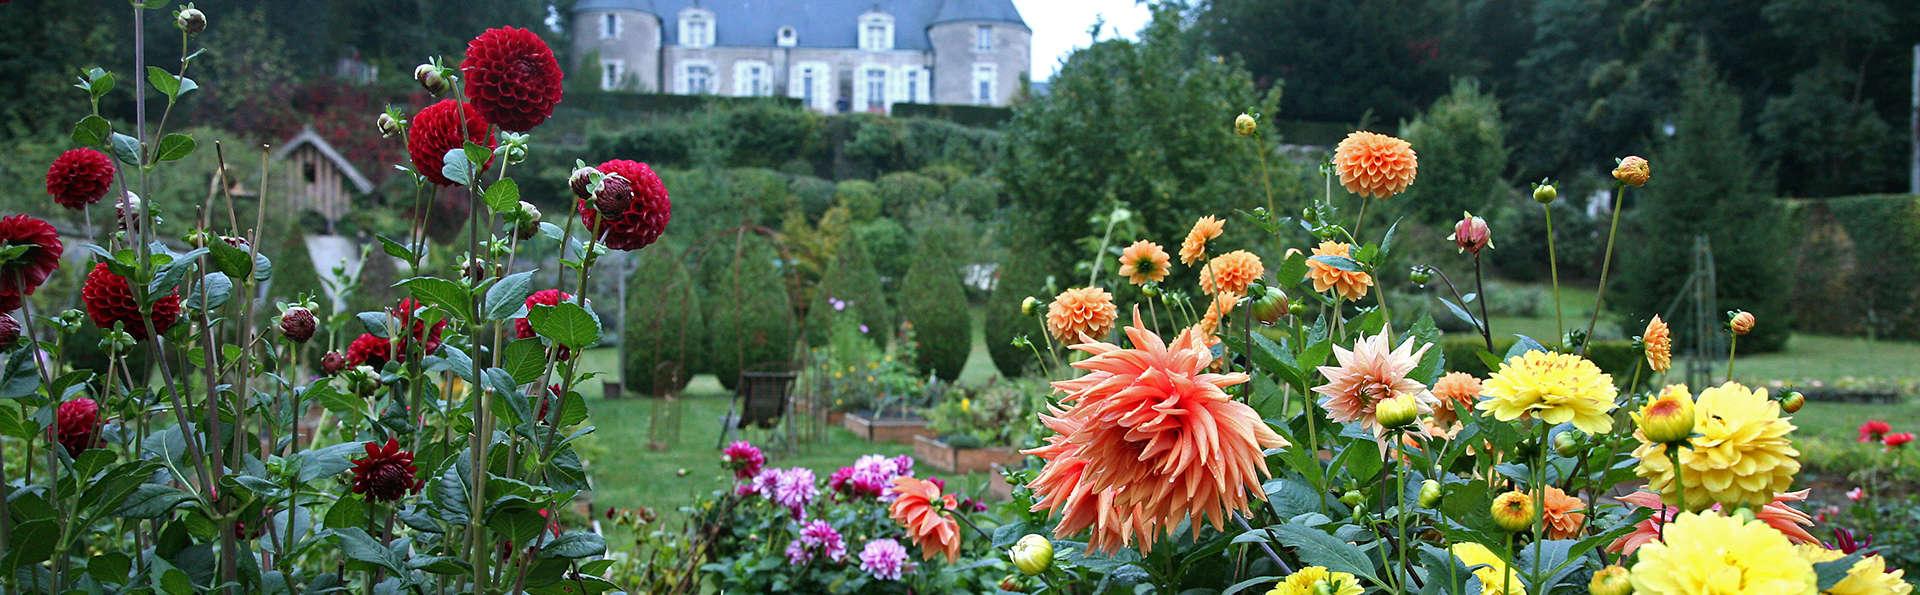 Château de Pray - EDIT_garden2.jpg